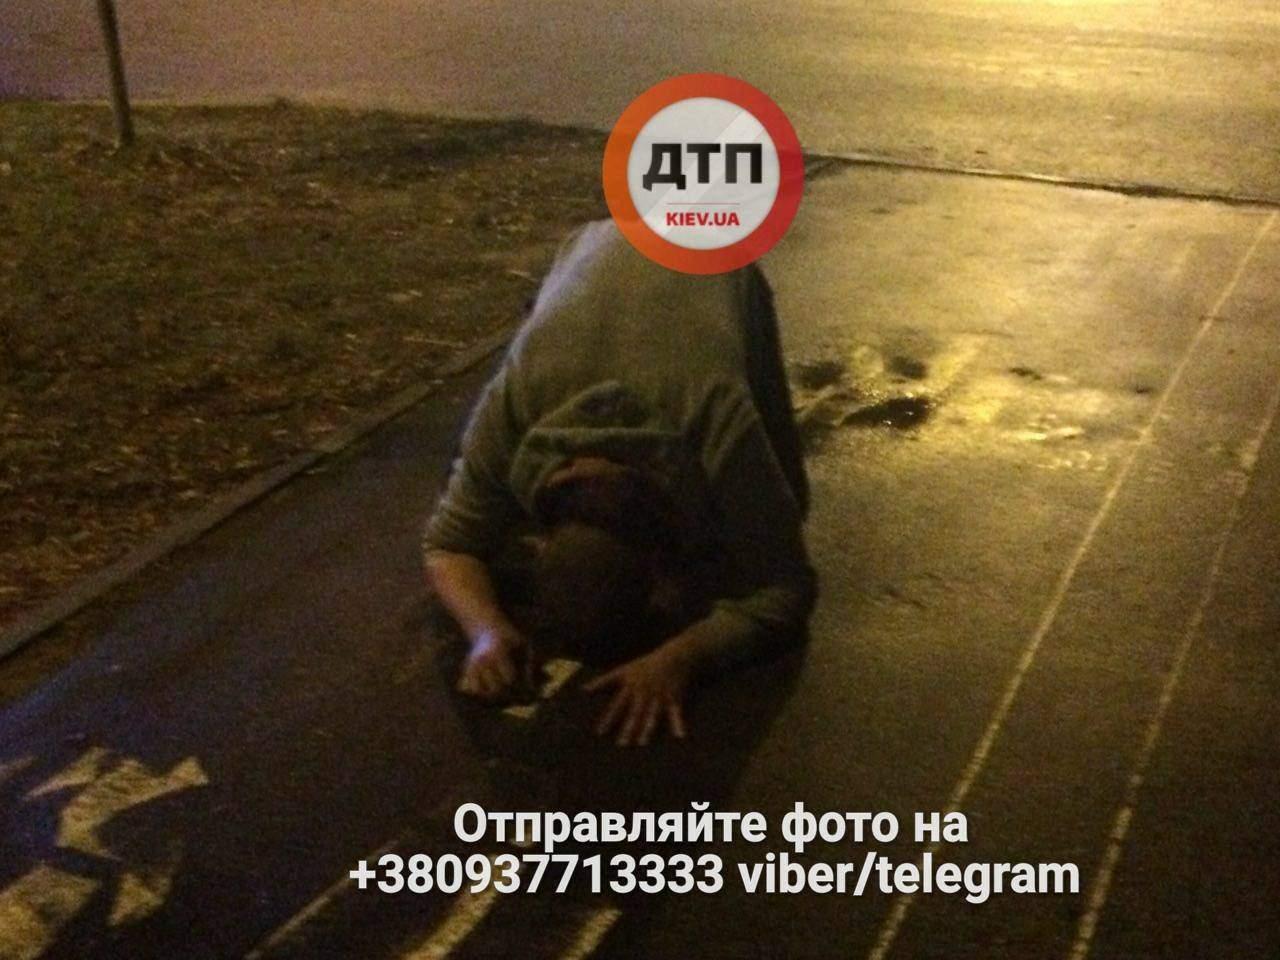 «Спасли от смерти»: в Киеве прохожие спасли бросавшегося под автомобили мужчину (фото)